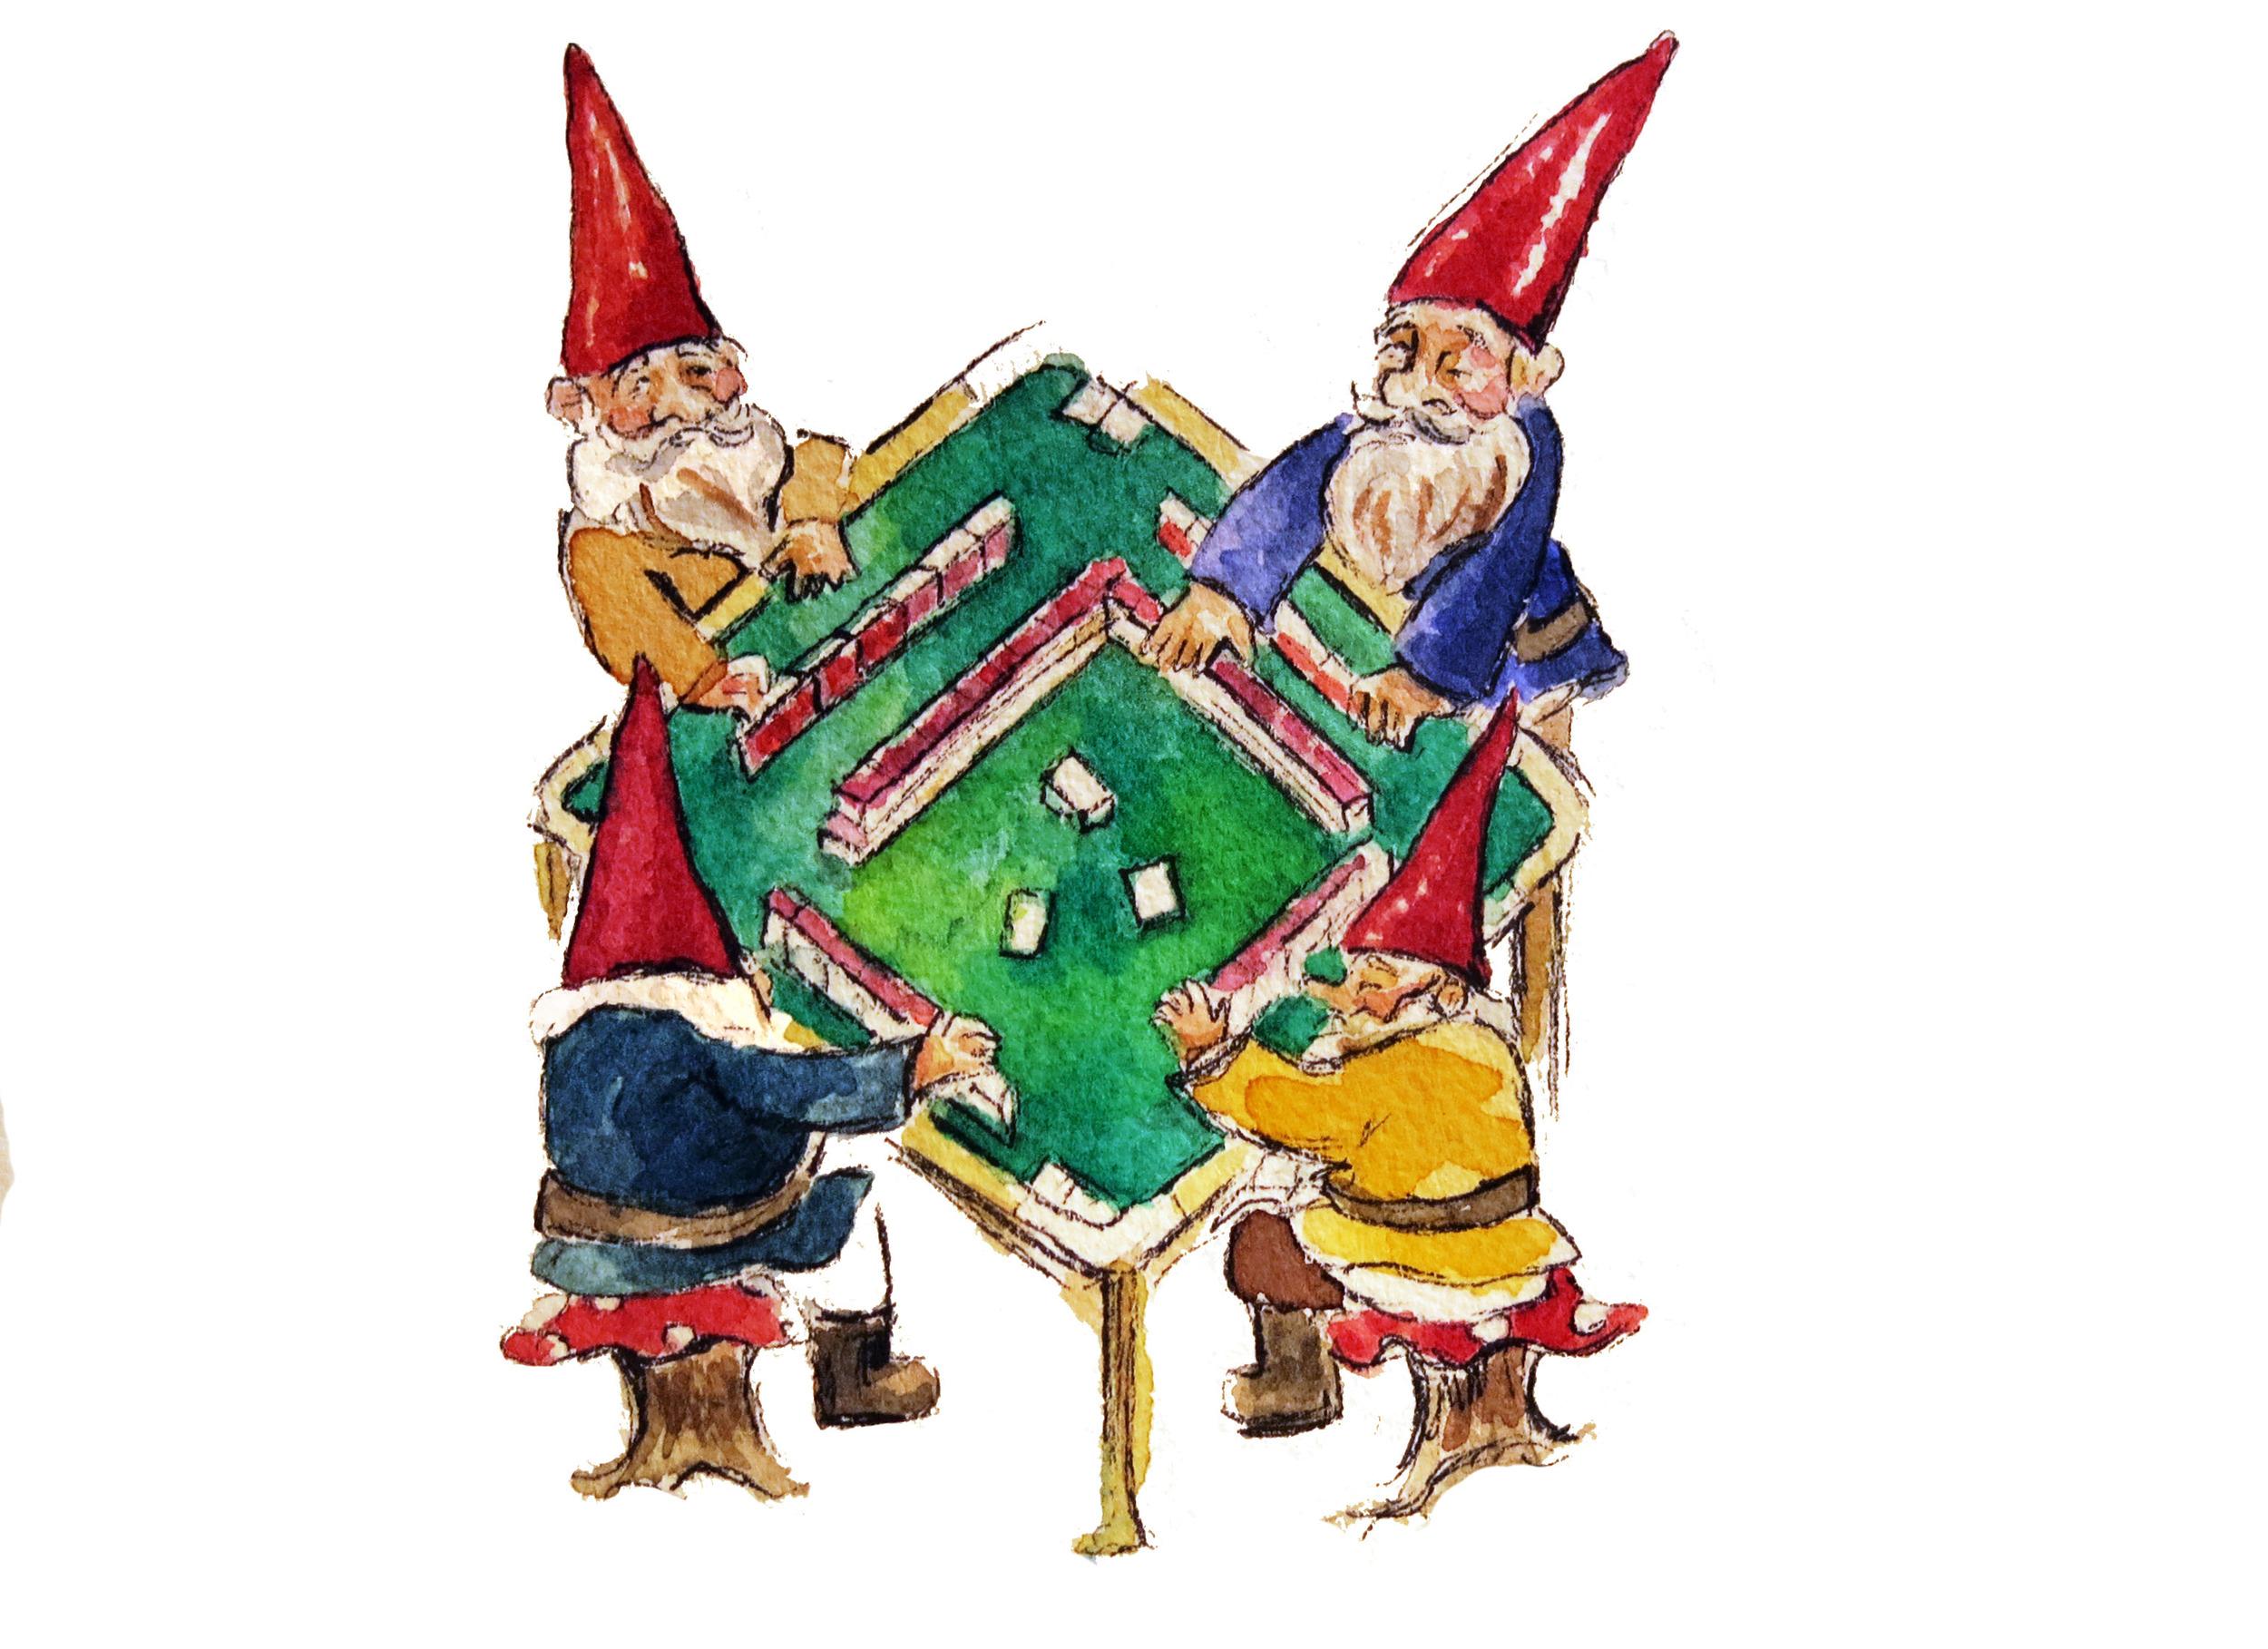 Gnomes playing mahjong